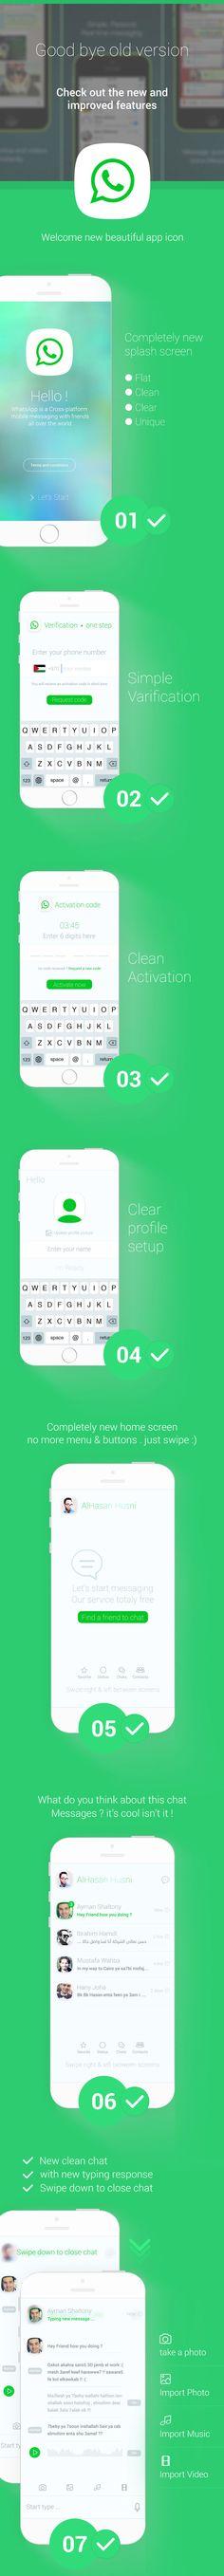 Whatsapp Concept 2014 - IOS